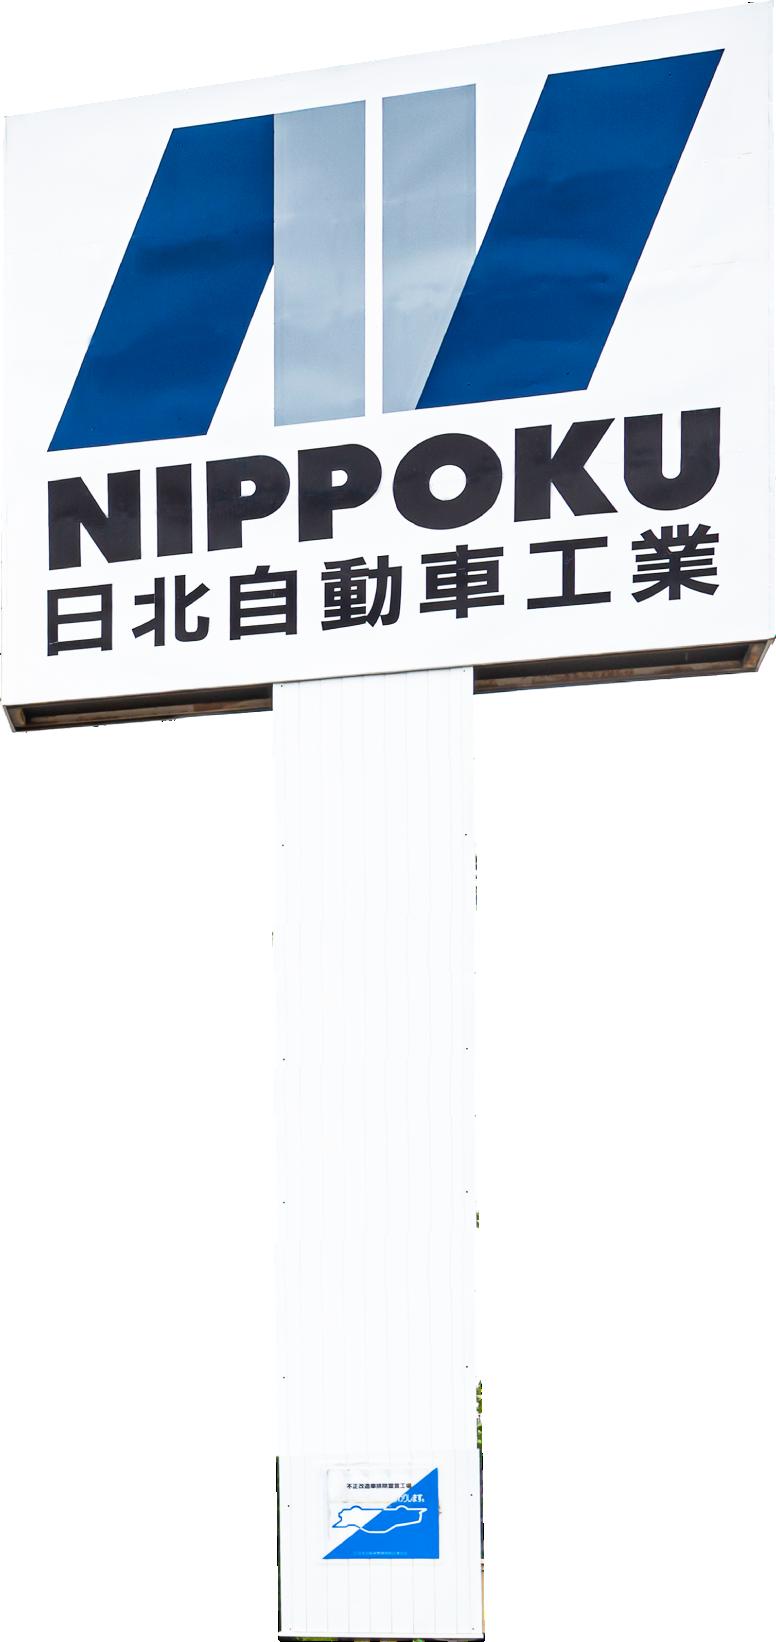 日北自動車工業